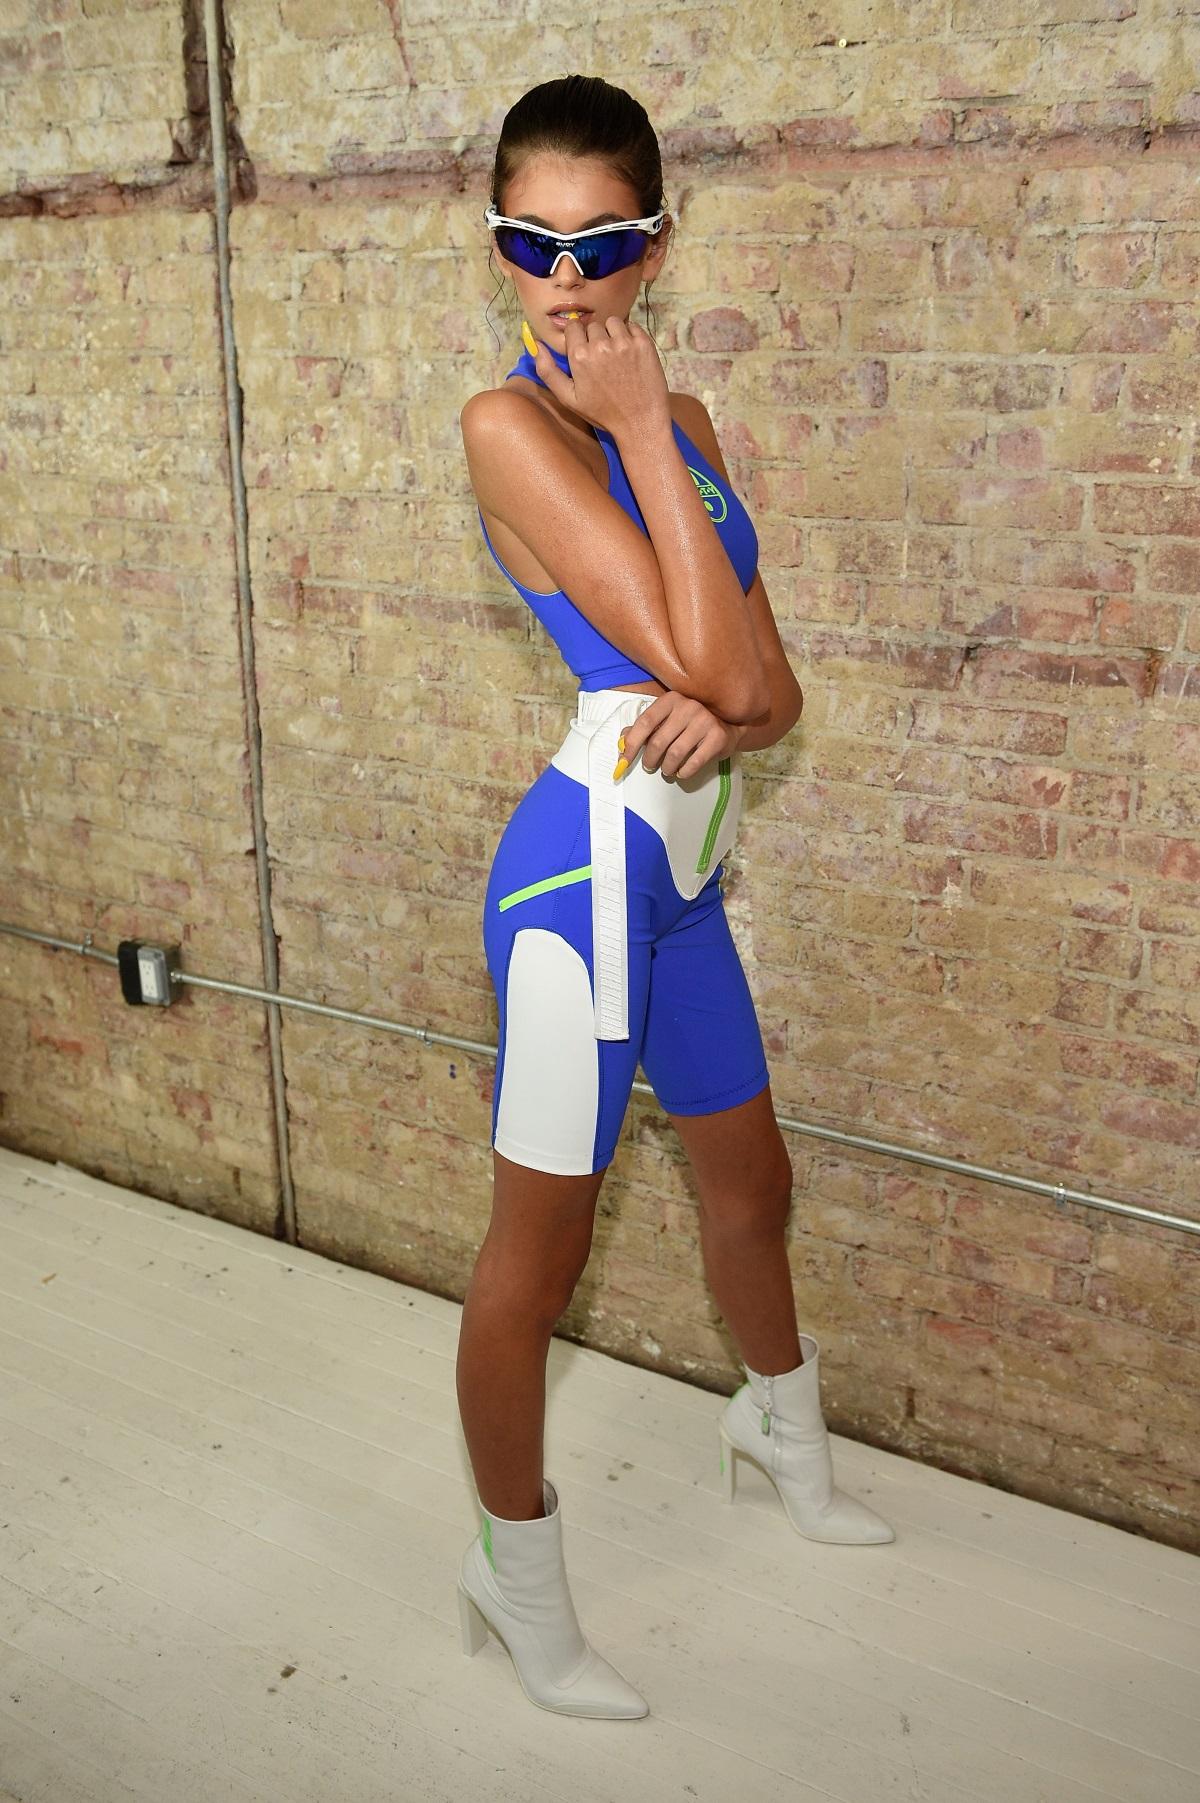 Кая Гербер иска да върви по стъпките на своята майка в света на модата. Въпреки че Крауфорд не иска дъщеря ѝ да попада в светлините на прожекторите толкова малка, тя я подкрепя в начинанието ѝ и я учи най-важните неща, като това как да позира като истински модел.